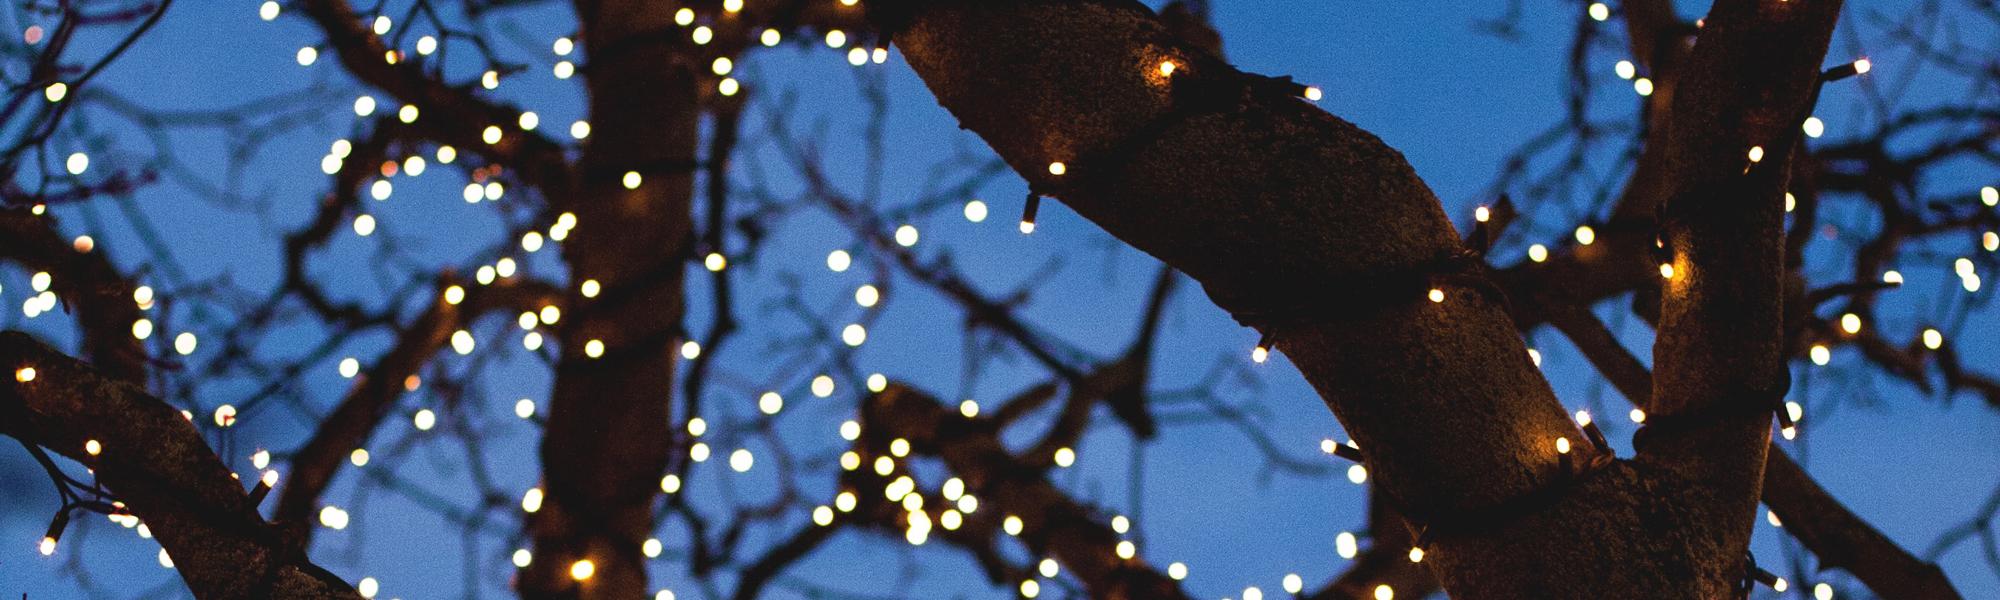 Lights in a tree. Photo byFred HeaponUnsplash